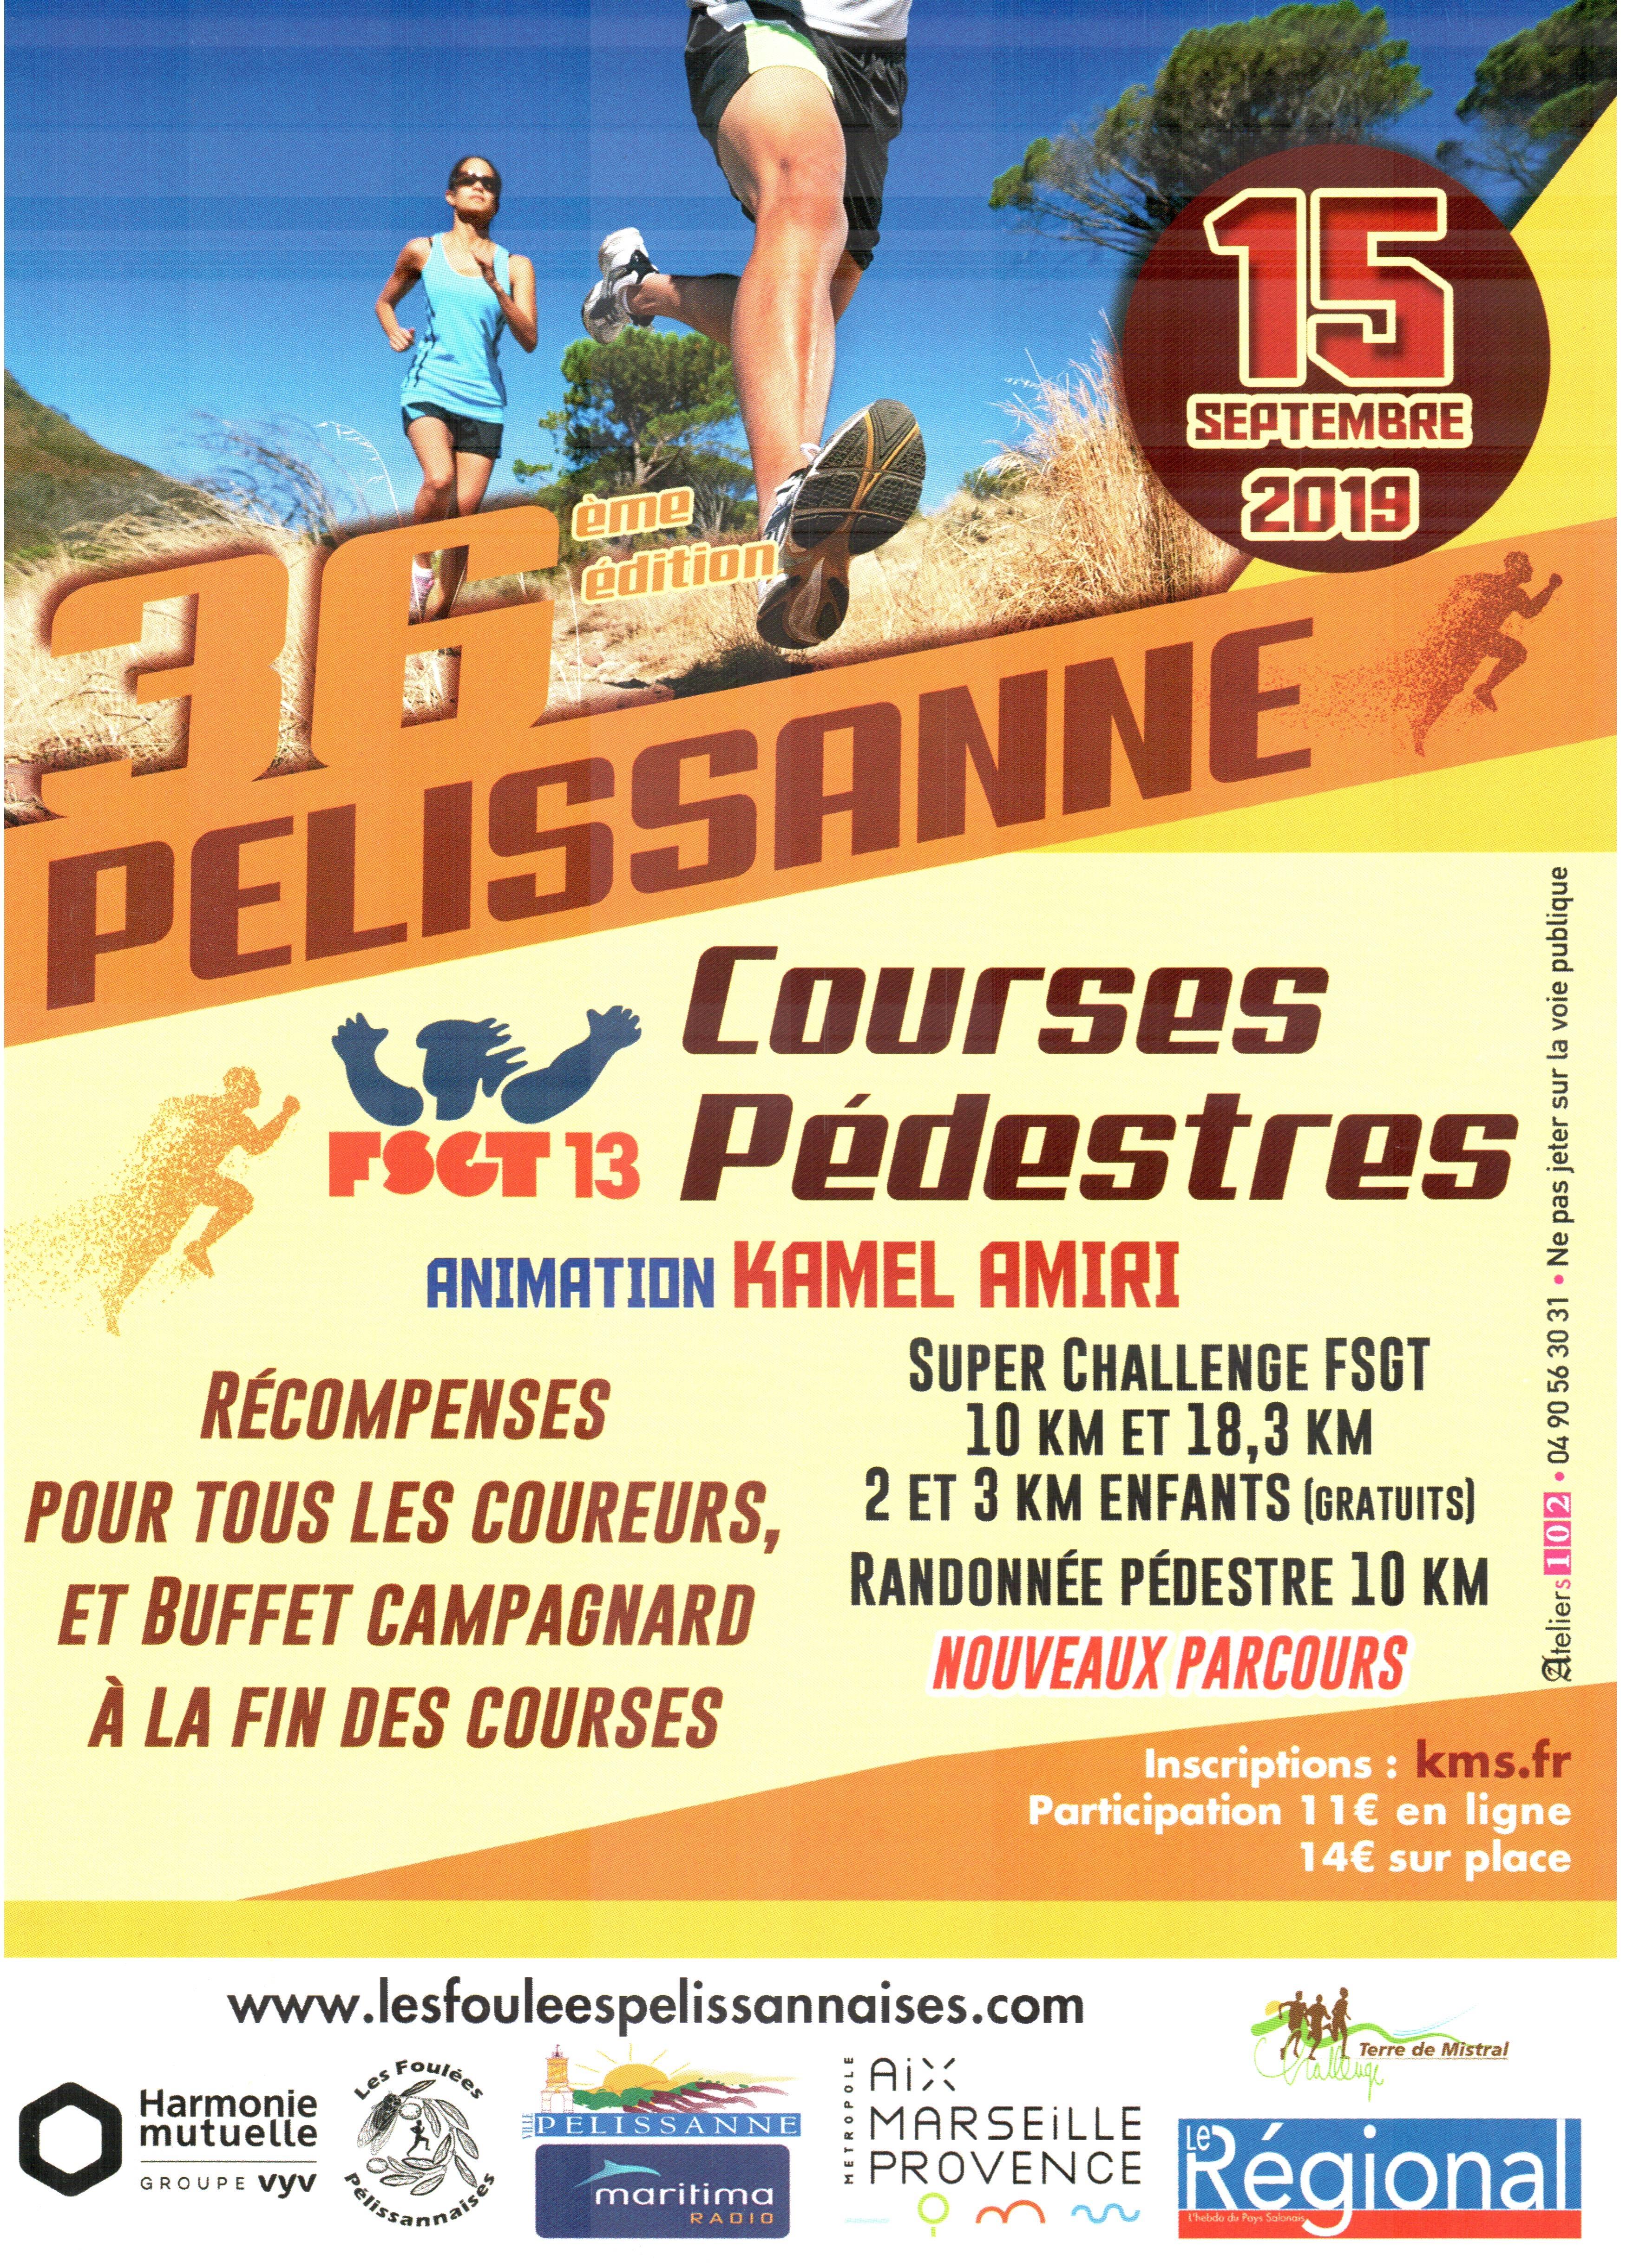 Les Foulees Pelissannaises - Randonnée Pédestre 10km